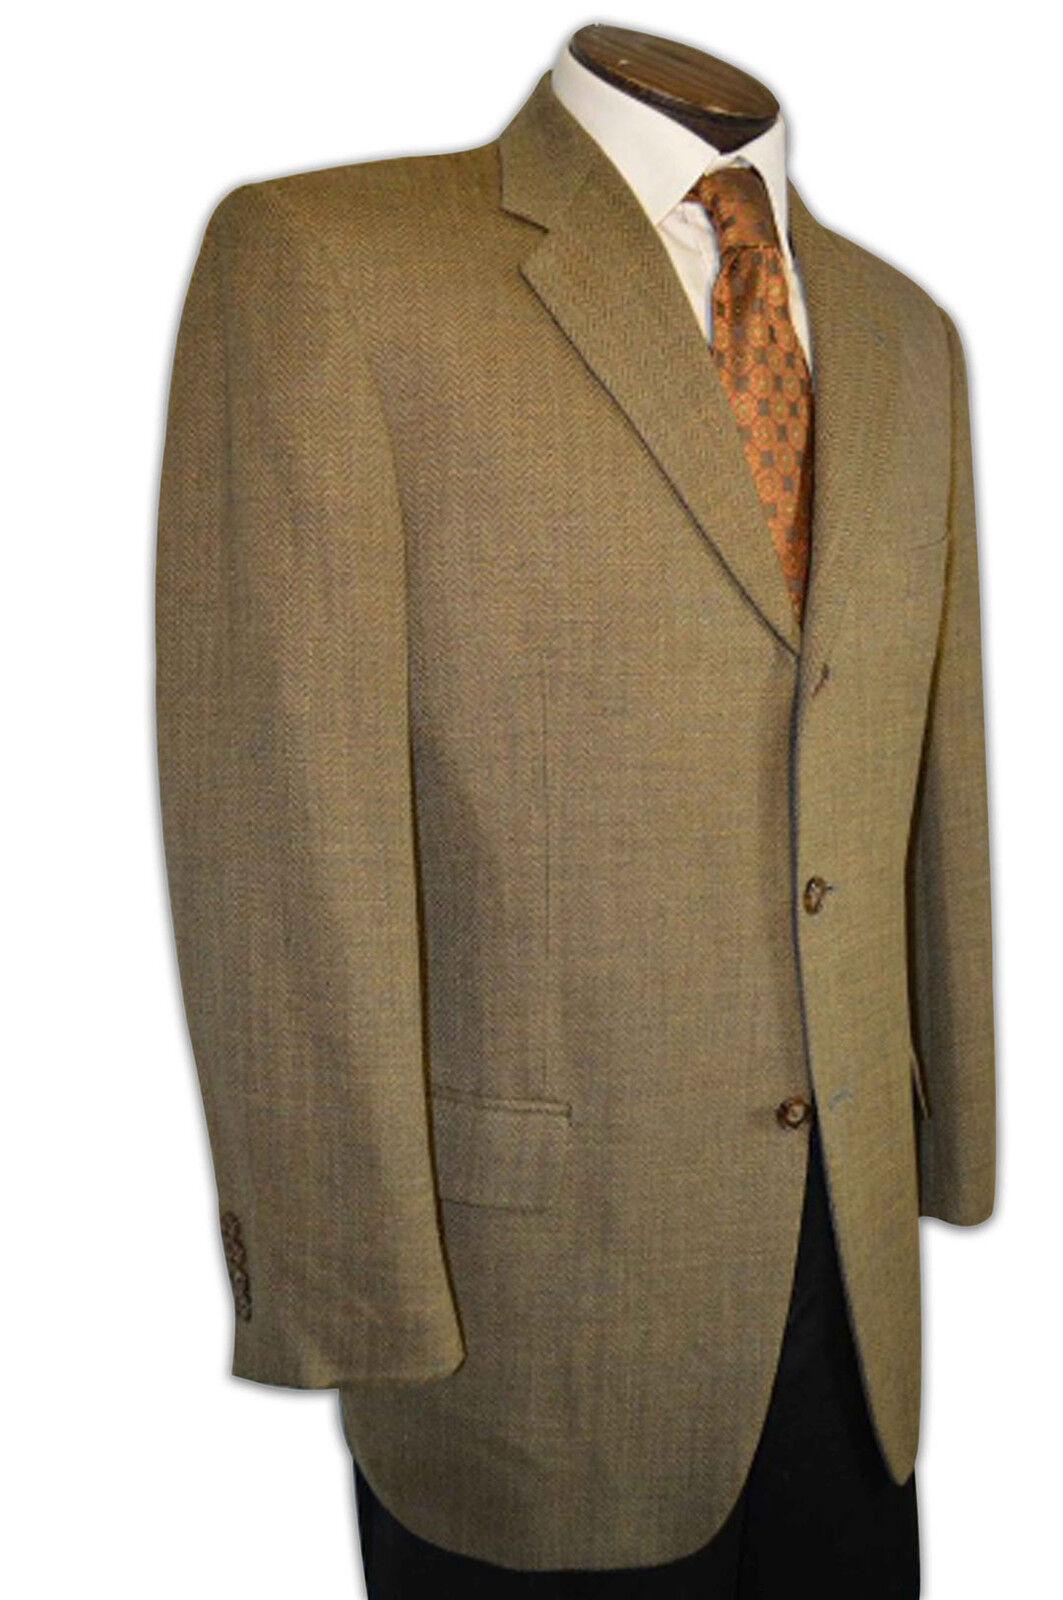 Joseph Abboud Linen Blend Lt Brown Tan 3 Button Sport Coat size 40R C149